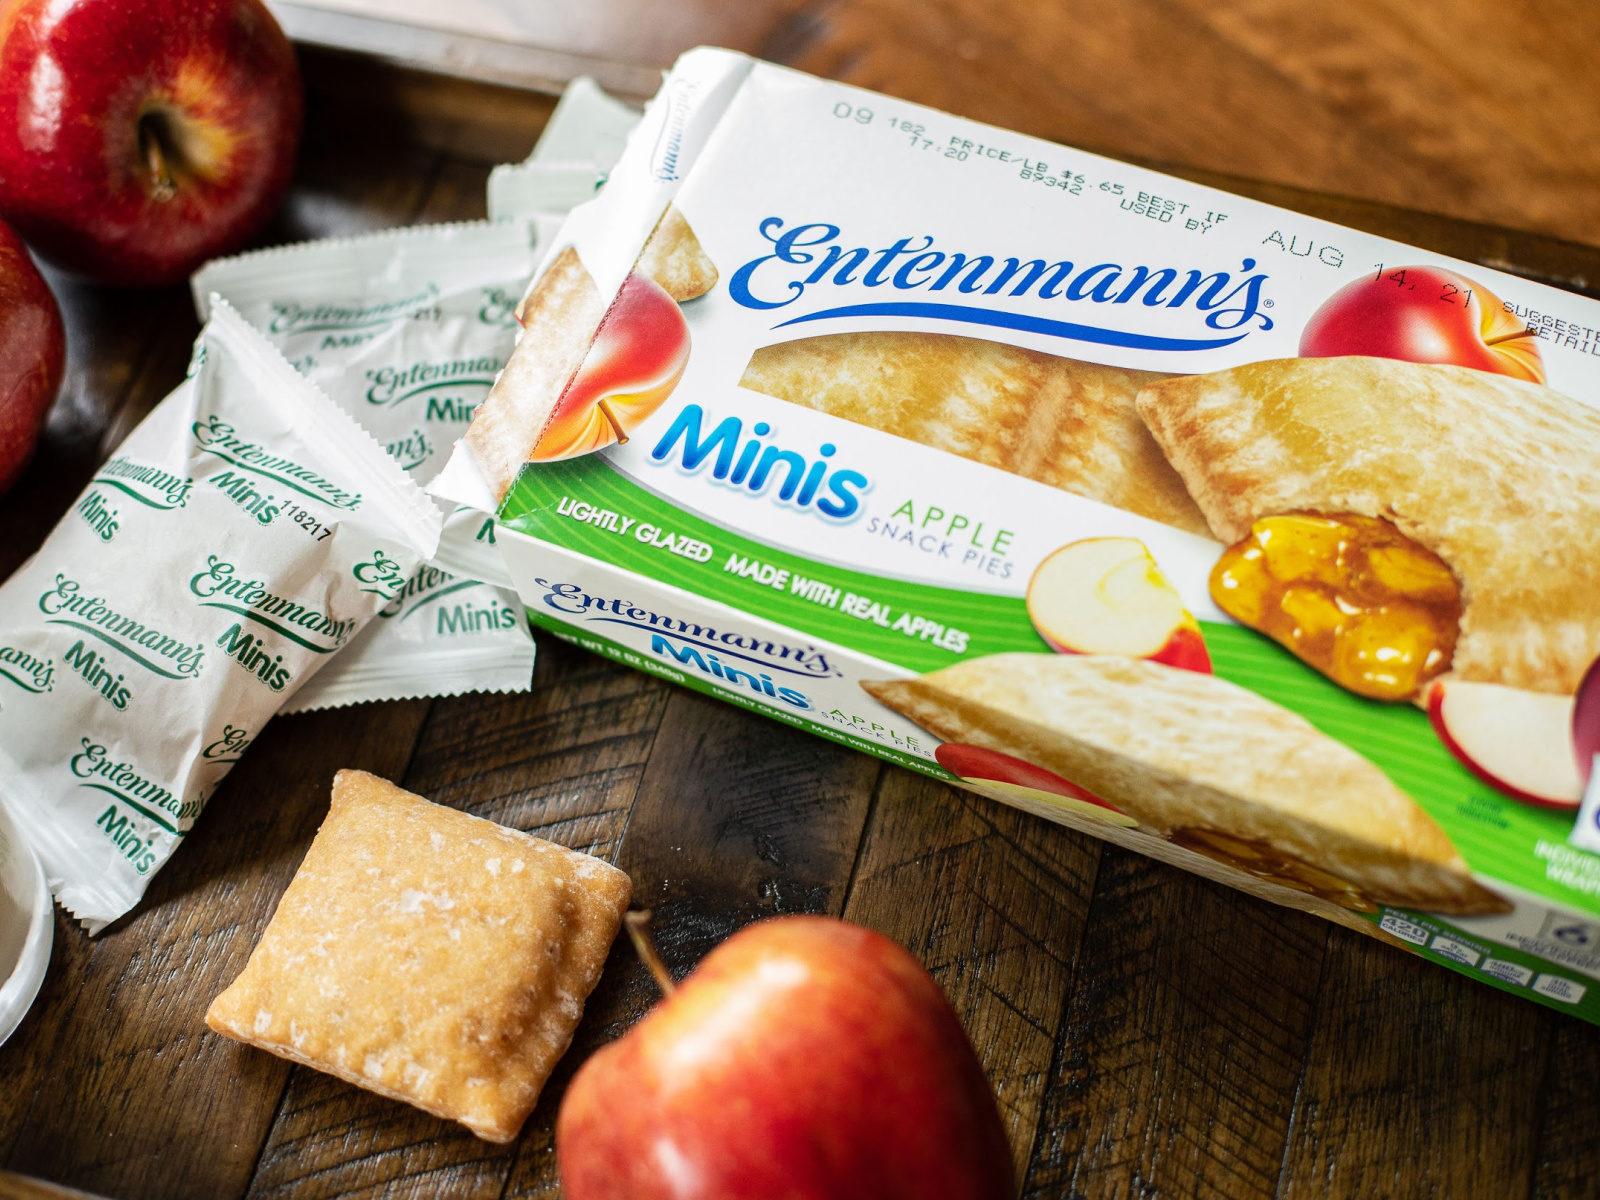 Entenmann's Minis Pies As Low As $1.75 At Publix on I Heart Publix